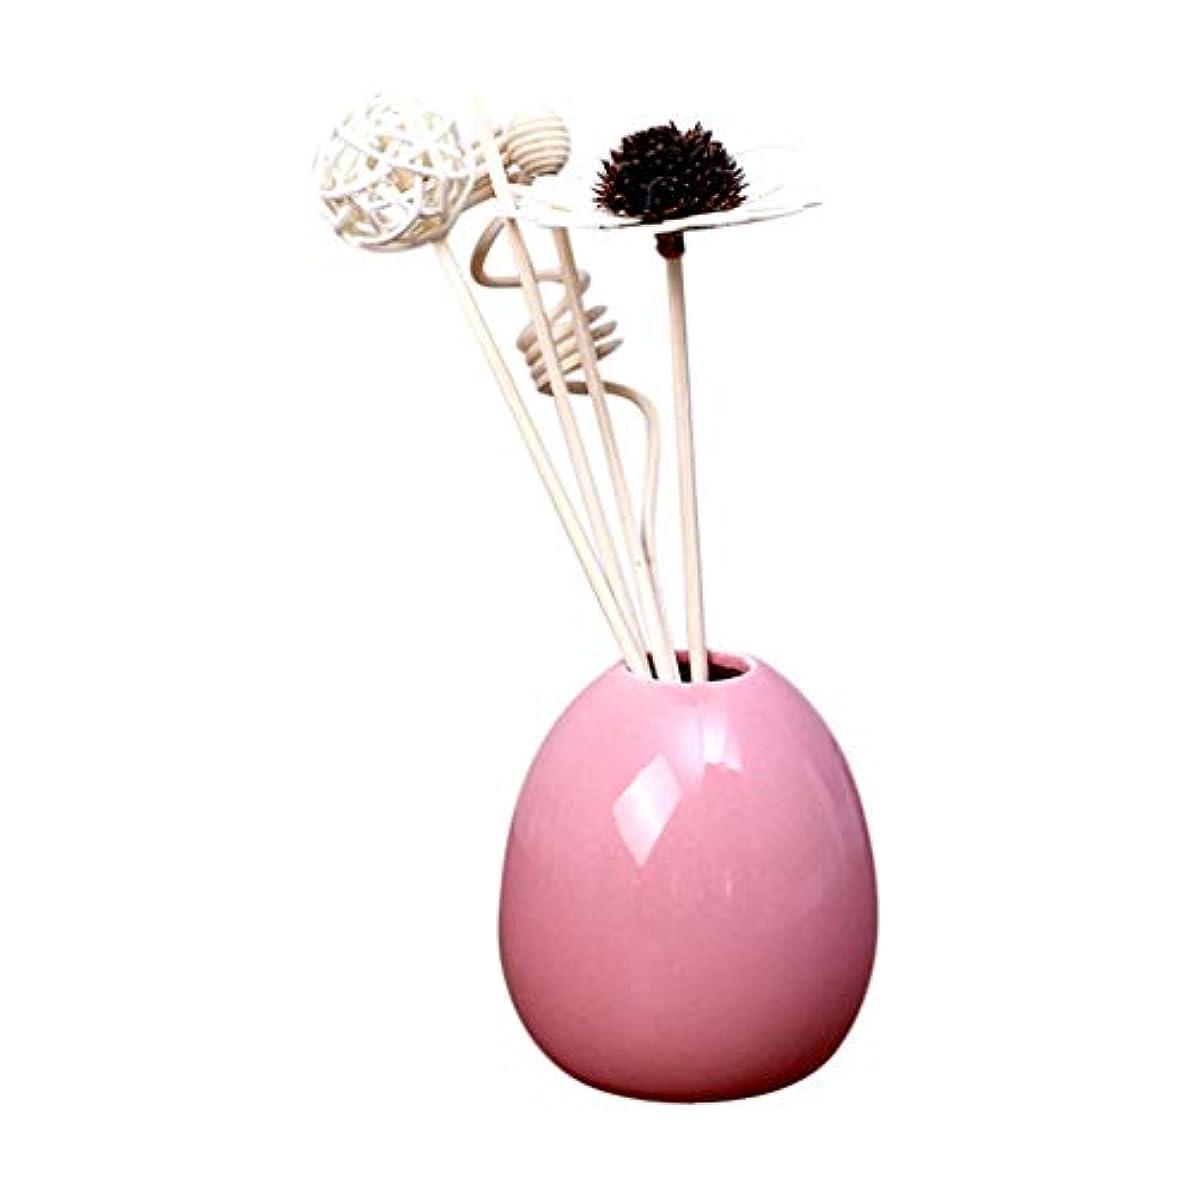 それに応じて突撃キッチンLazayyii エッセンシャルオイル セット 家庭用 香 寝室バスルームルーム 香水 消臭 (ピンク)